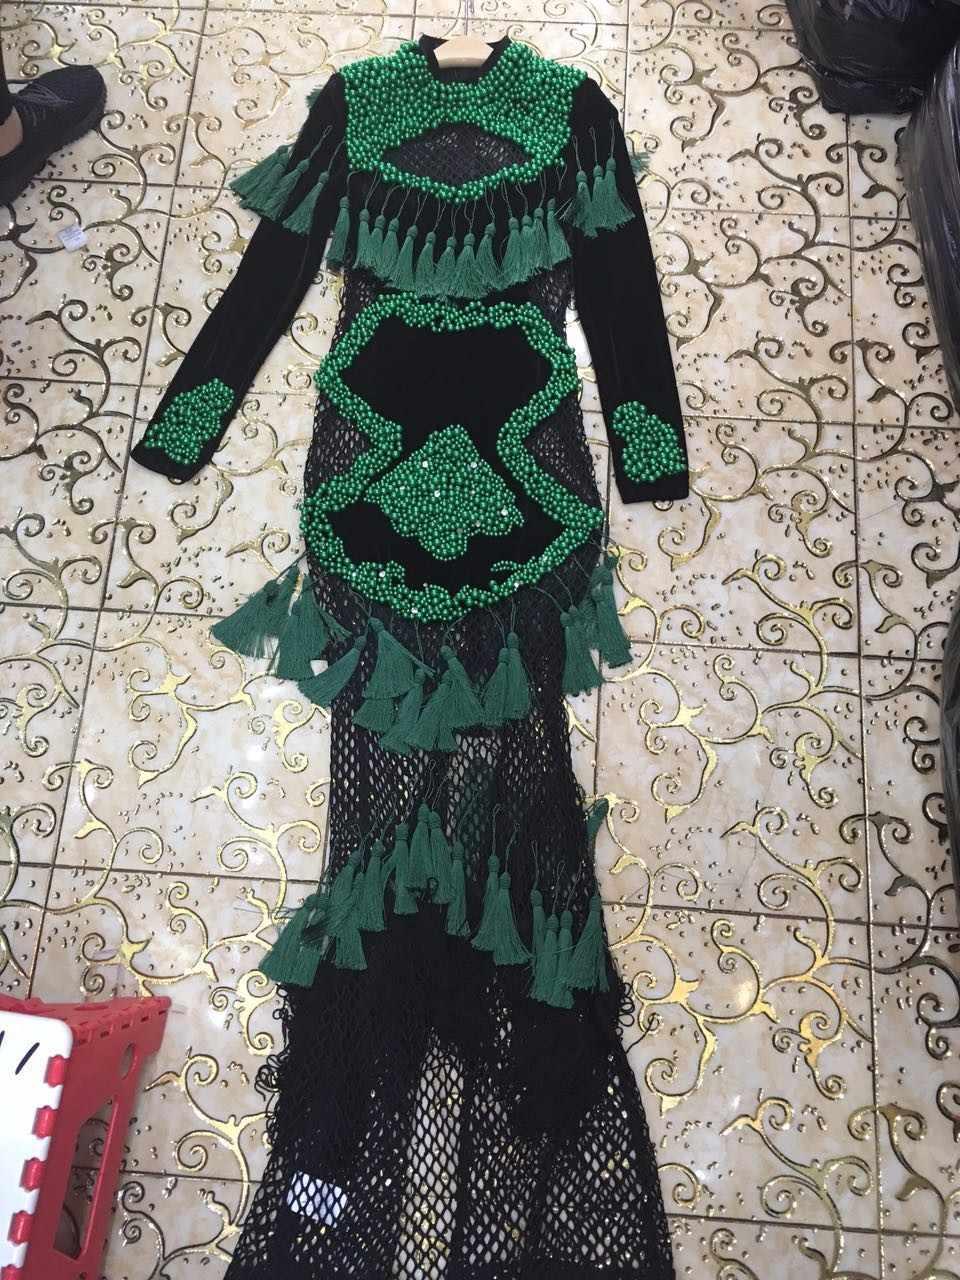 Женское роскошное сексуальное платье с длинным рукавом и отделкой из бус Зеленое Длинное Хлопковое платье 2017 облегающее дизайнерское платье